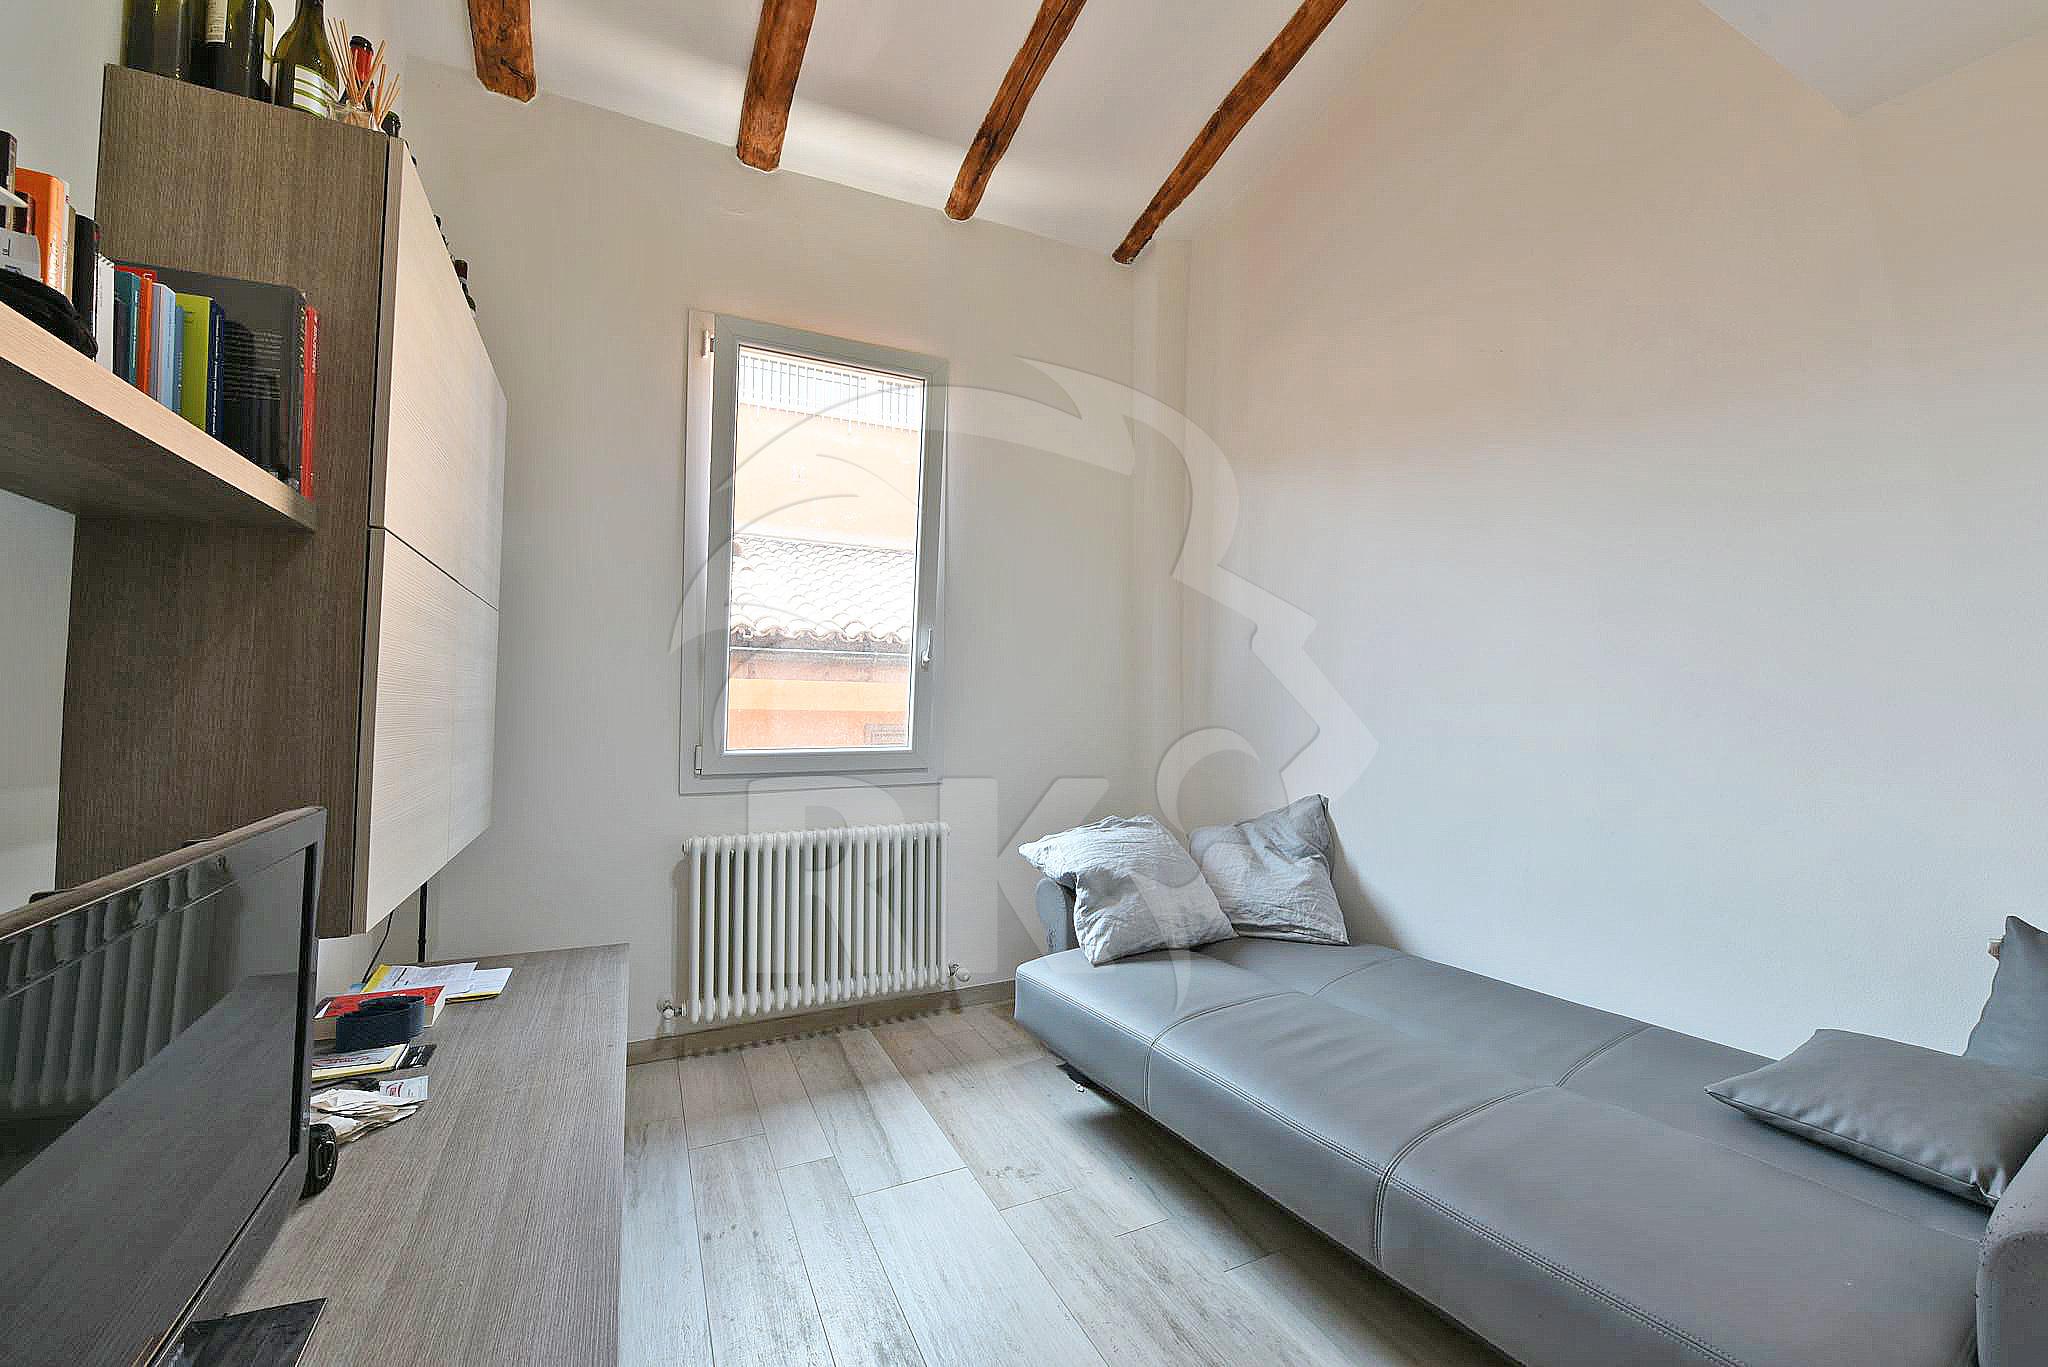 Appartamento bilocale in affitto bologna centro storico for Case in affitto ad amsterdam centro